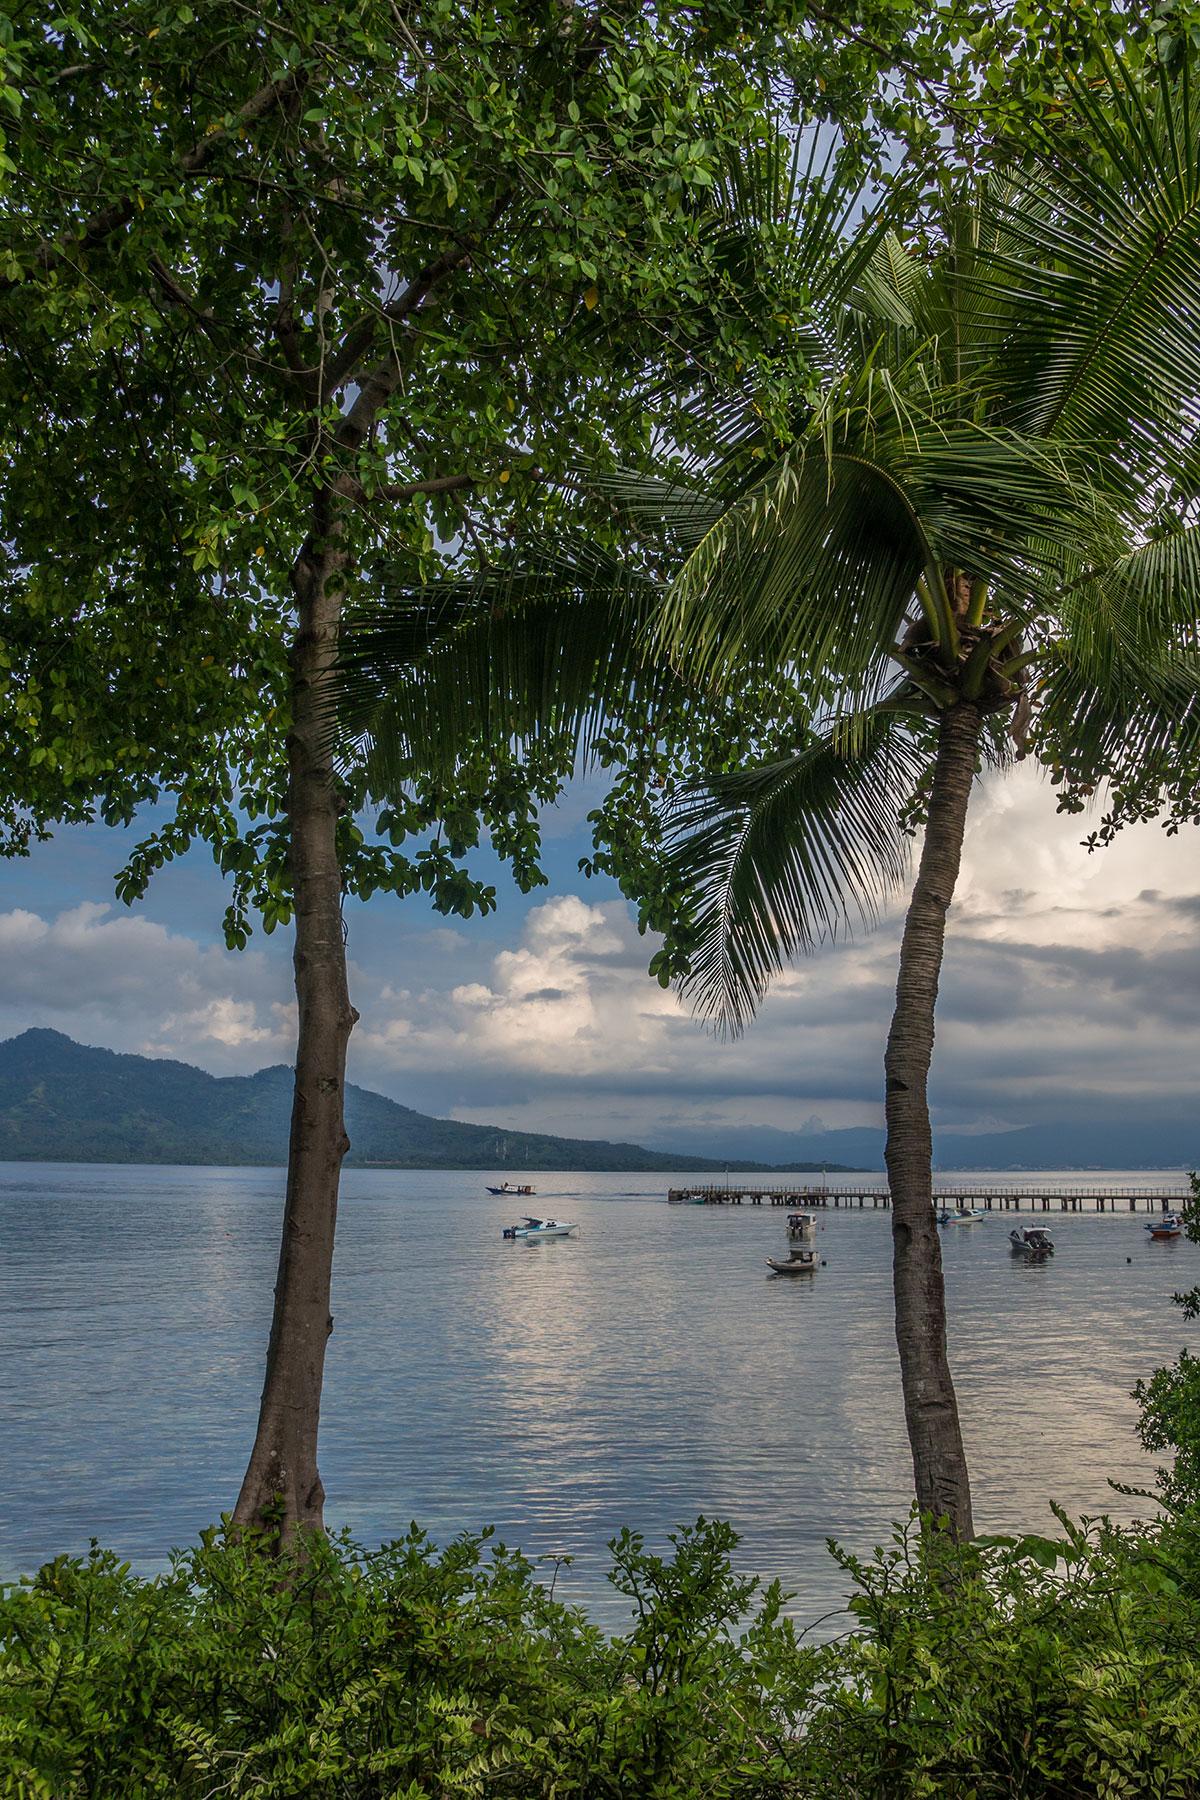 View from Seabreeze Resort, Bunaken Island, Manado, Indonesia